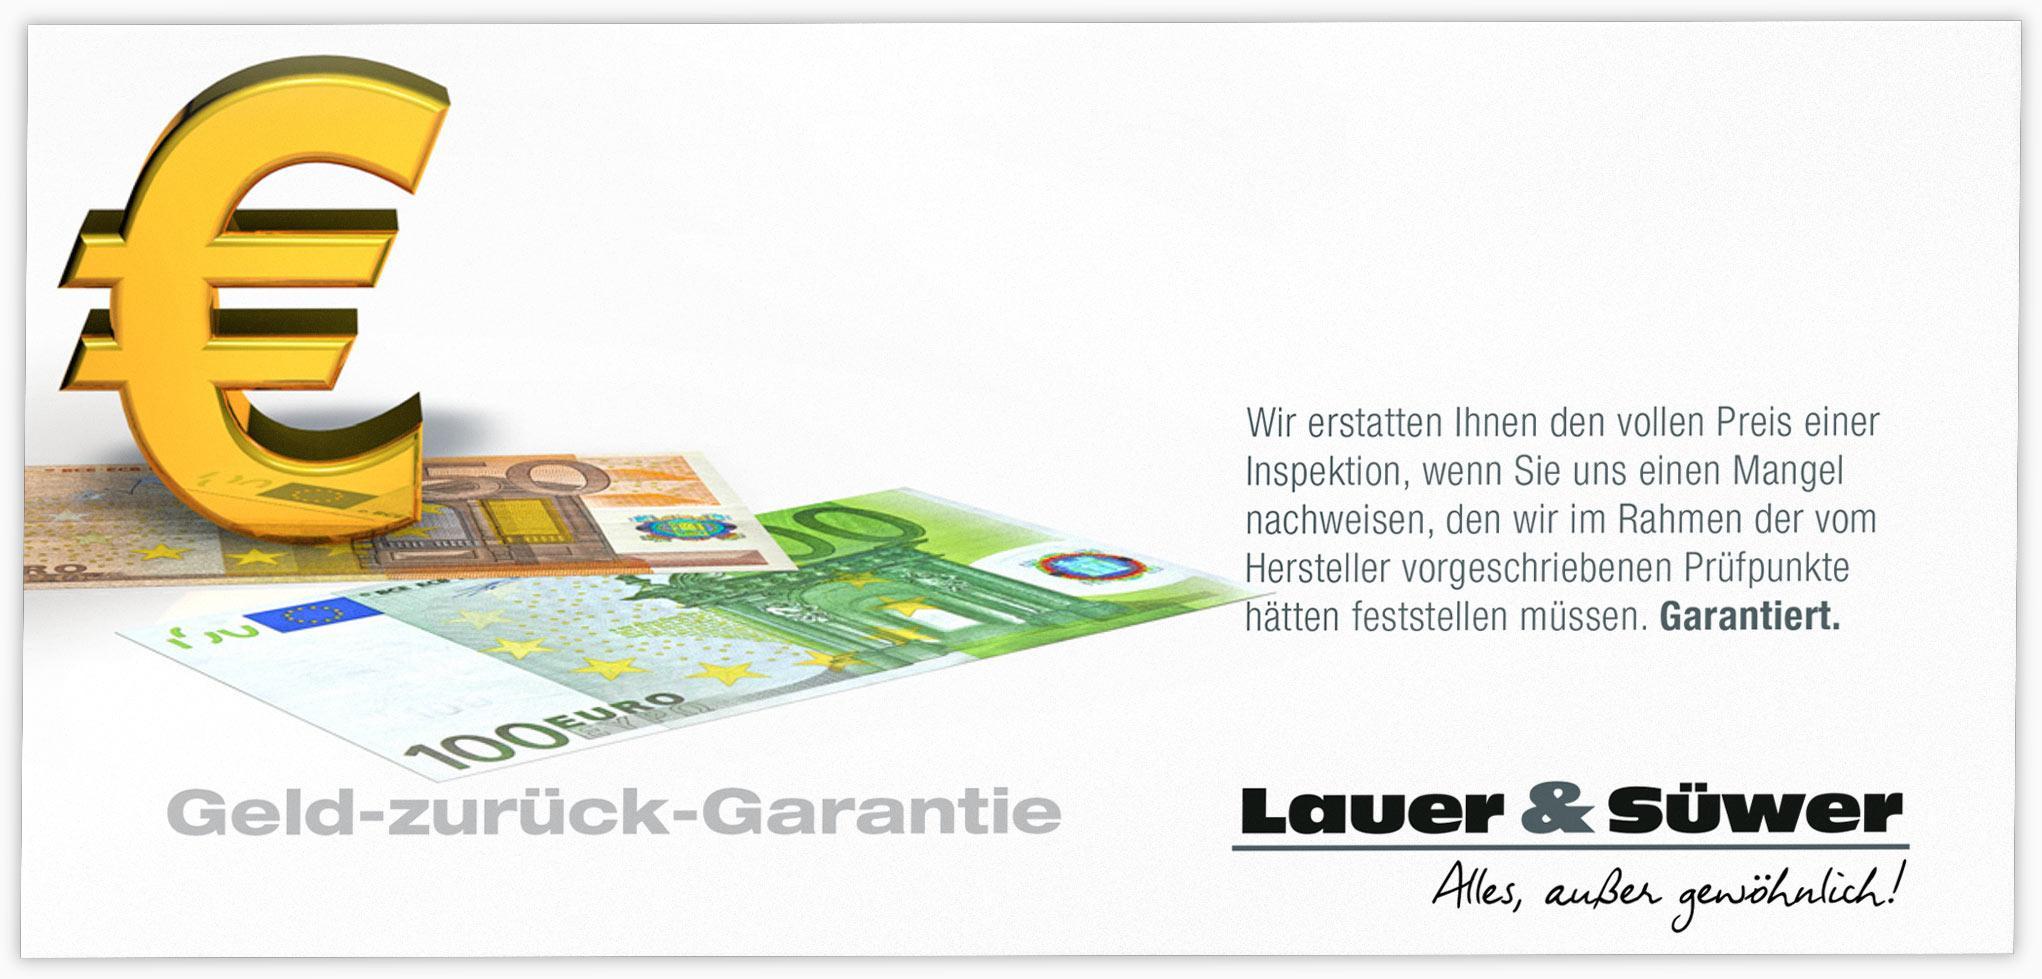 lauer s wer geld zur ck garantie titelbild. Black Bedroom Furniture Sets. Home Design Ideas